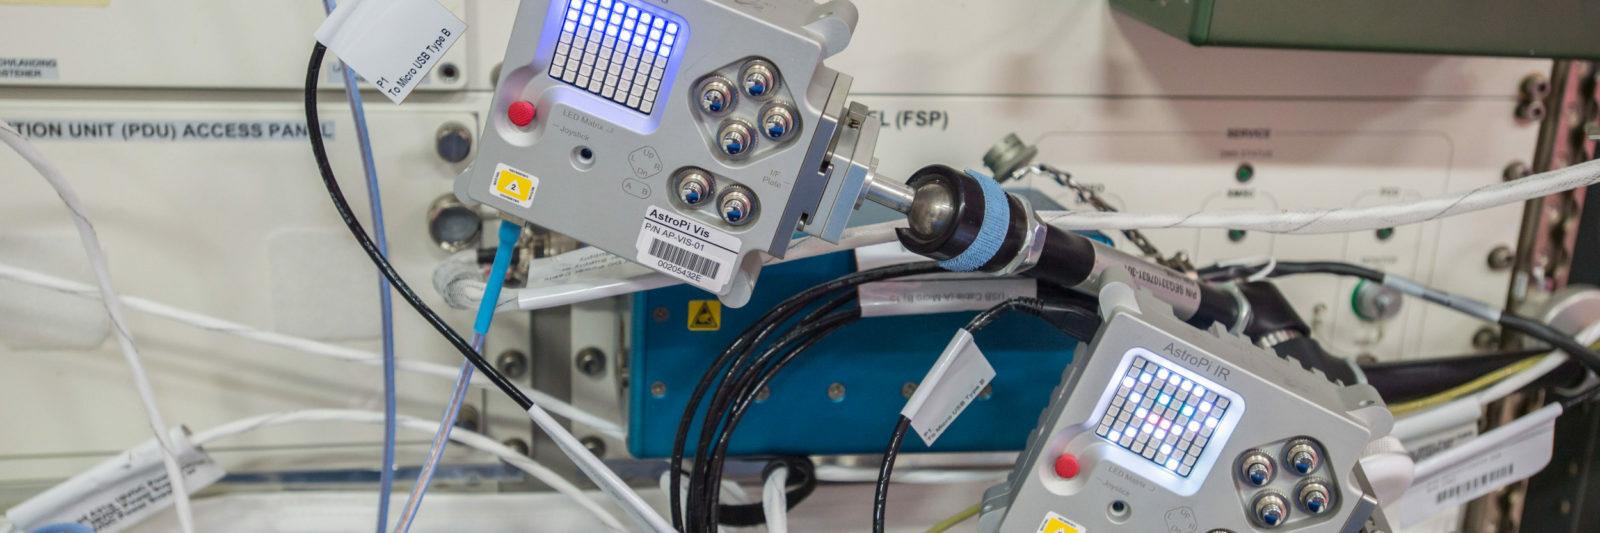 AstroPi : les programmes des jeunes à bord de l'ISS